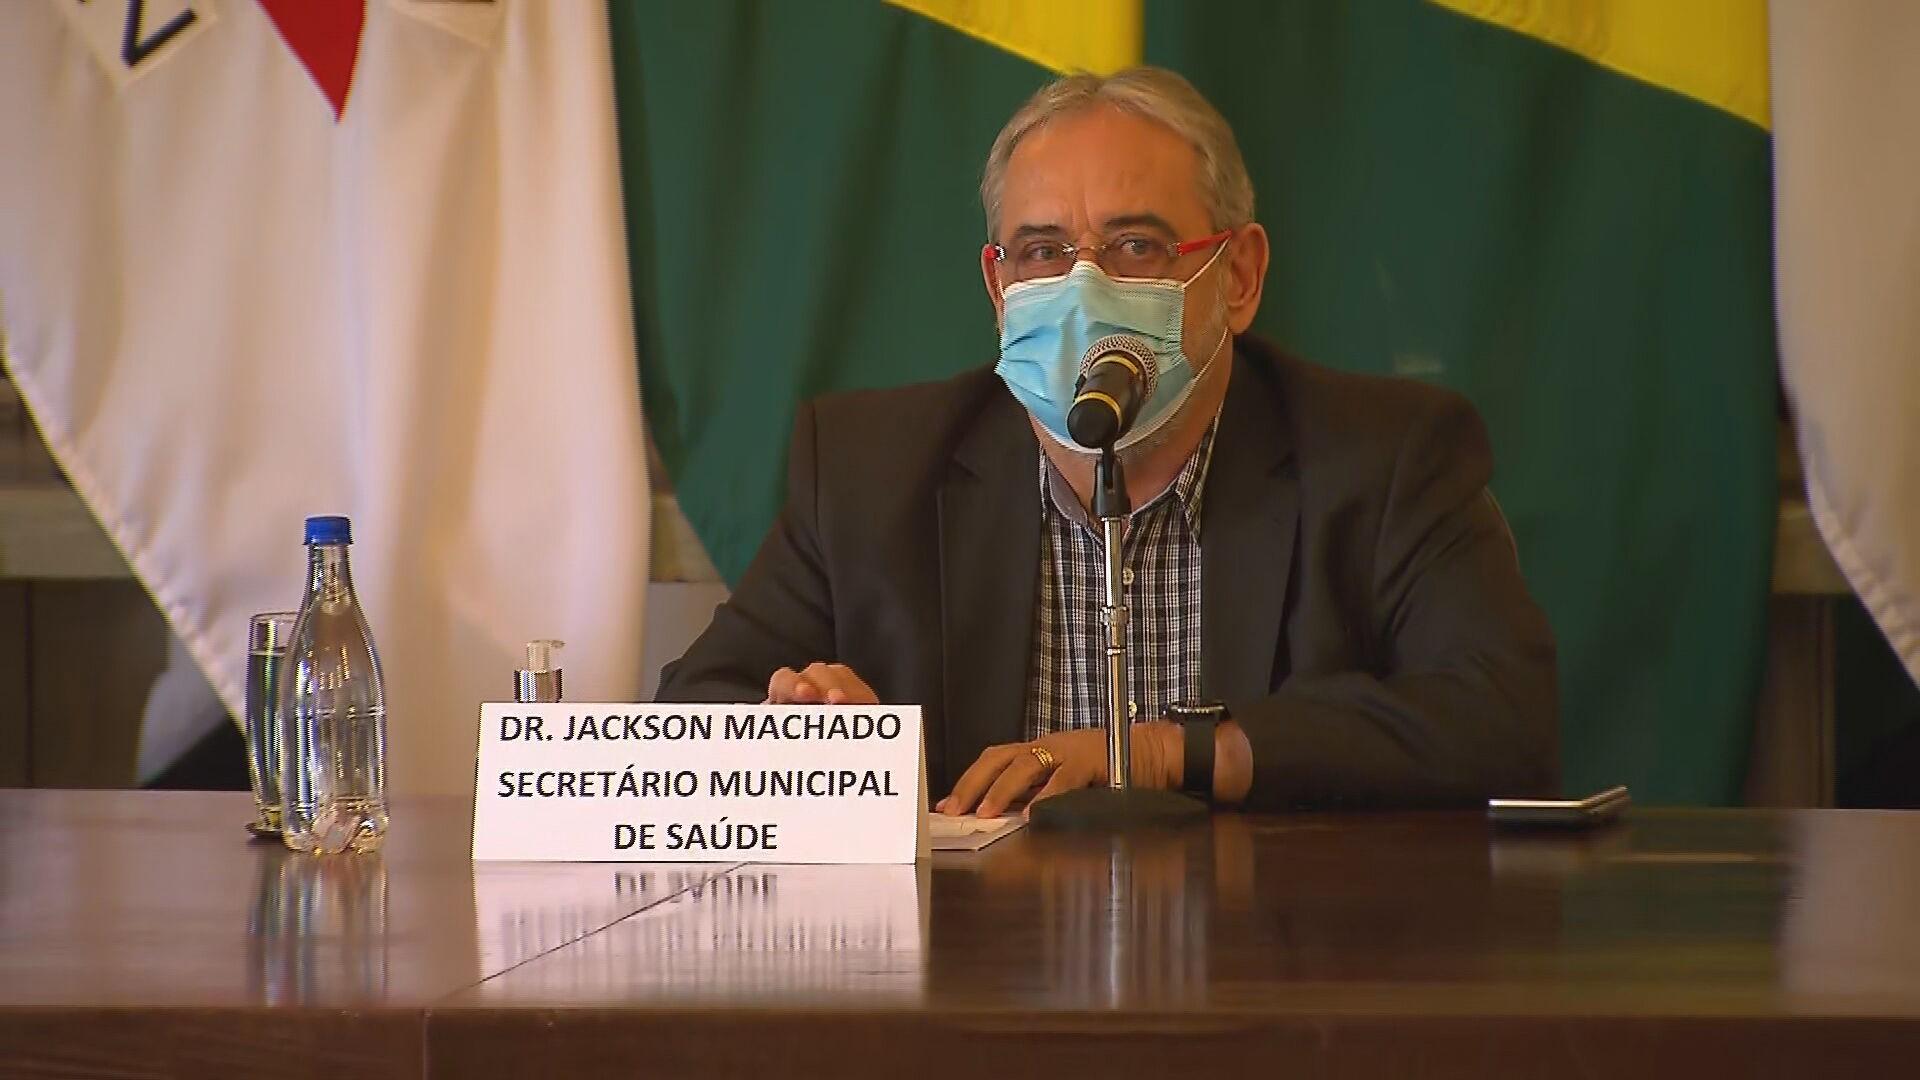 Secretário municipal de Saúde de BH presta depoimento à CPI da Covid-19 nesta quinta-feira